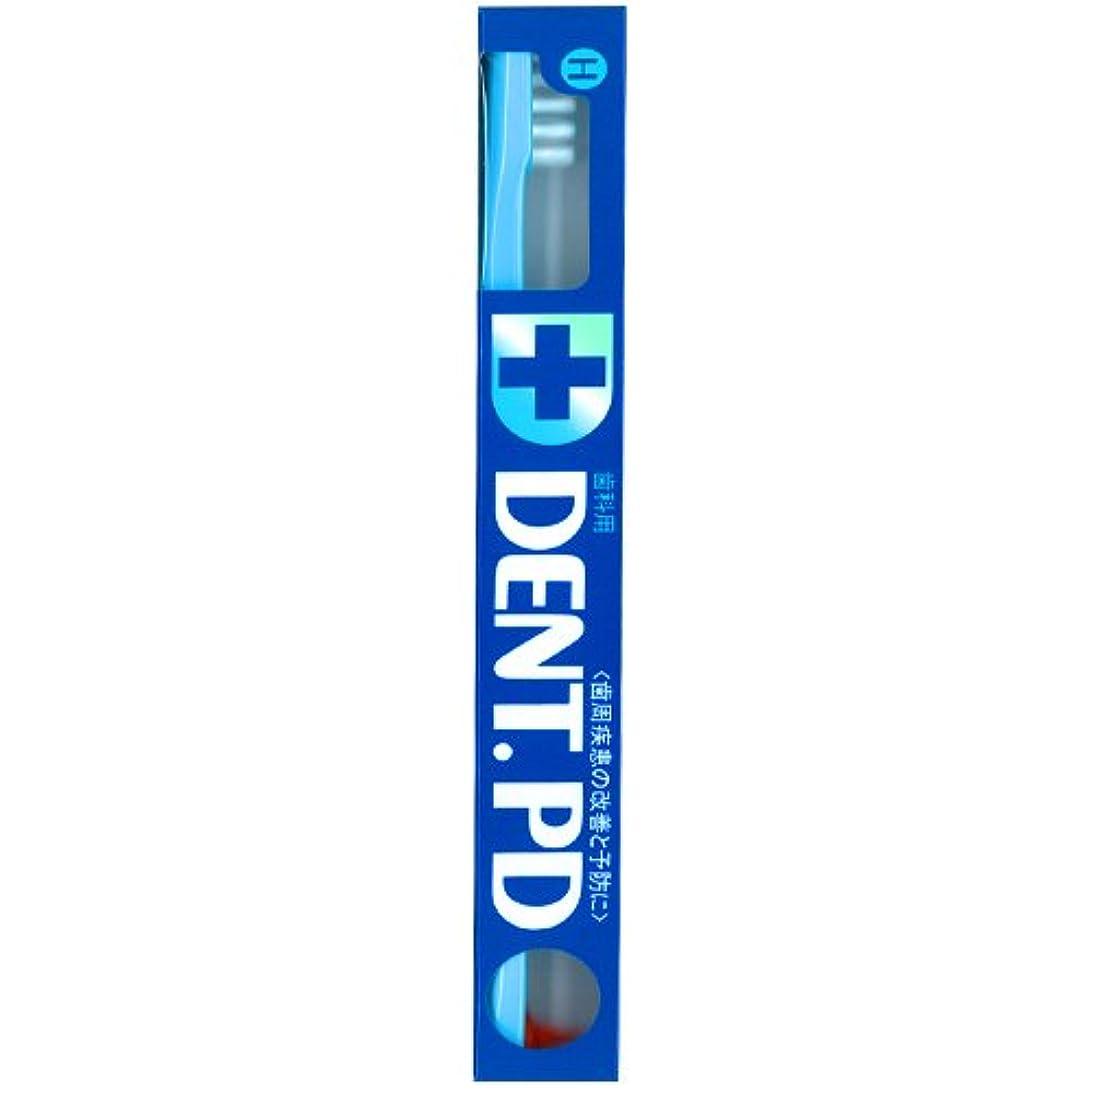 約道に迷いました無限ライオン DENT.PD歯ブラシ 1本 H (ブルー)